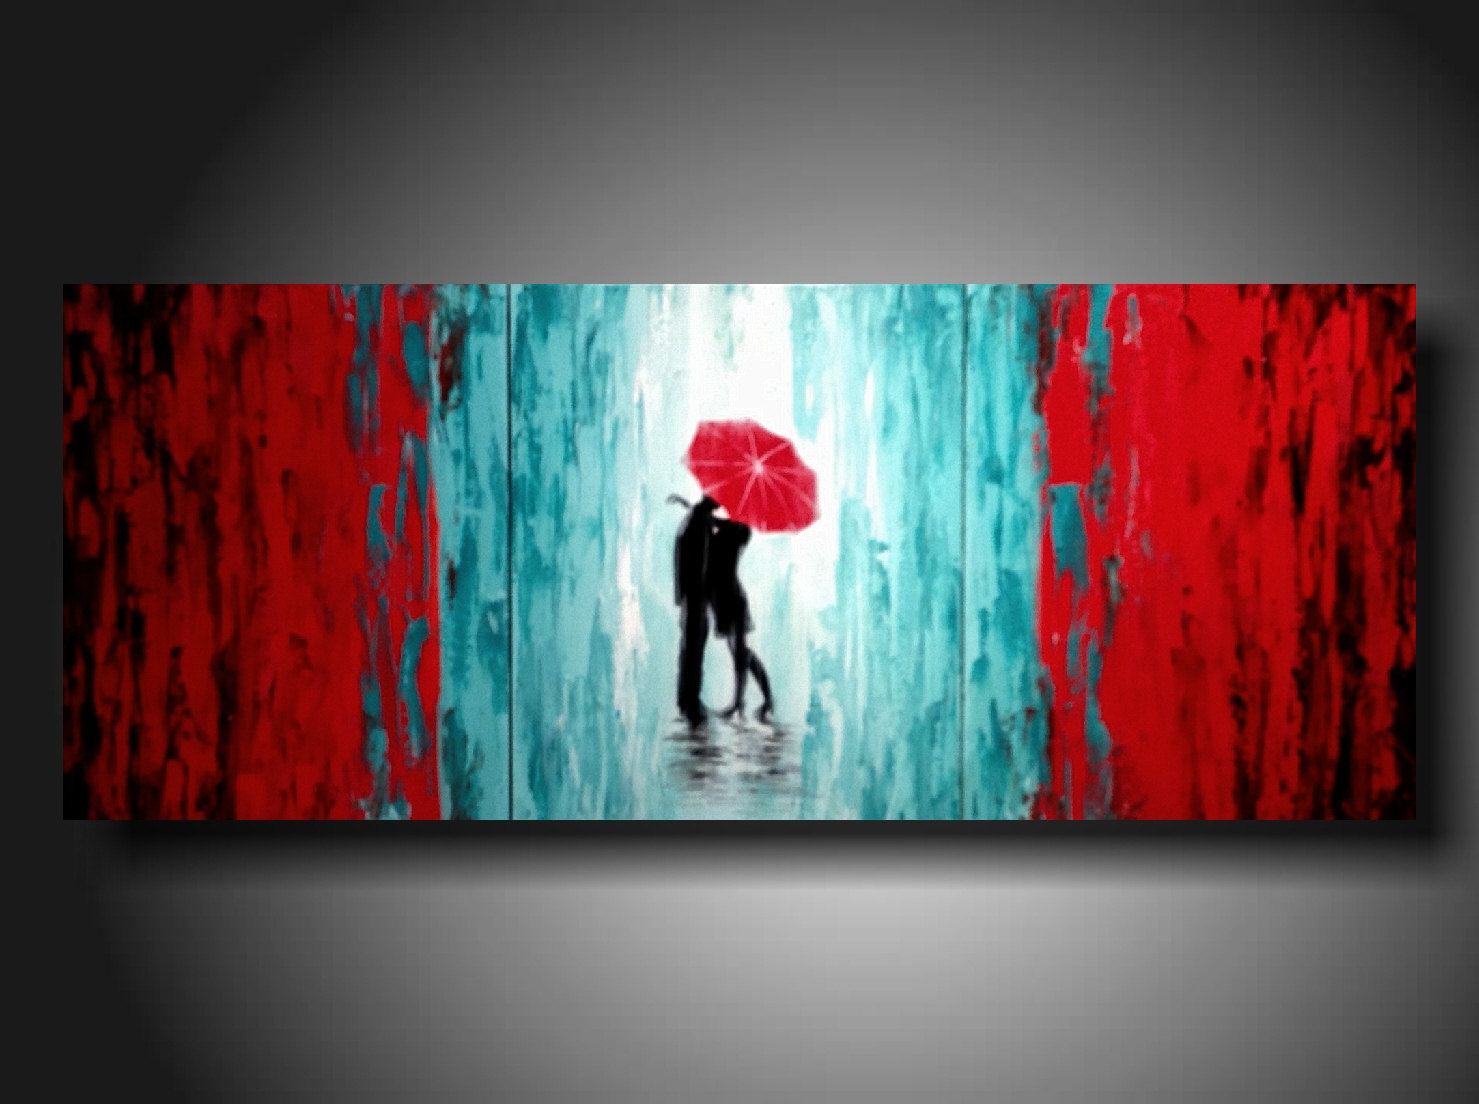 Abstract aan de muur - wat is abstract en modern